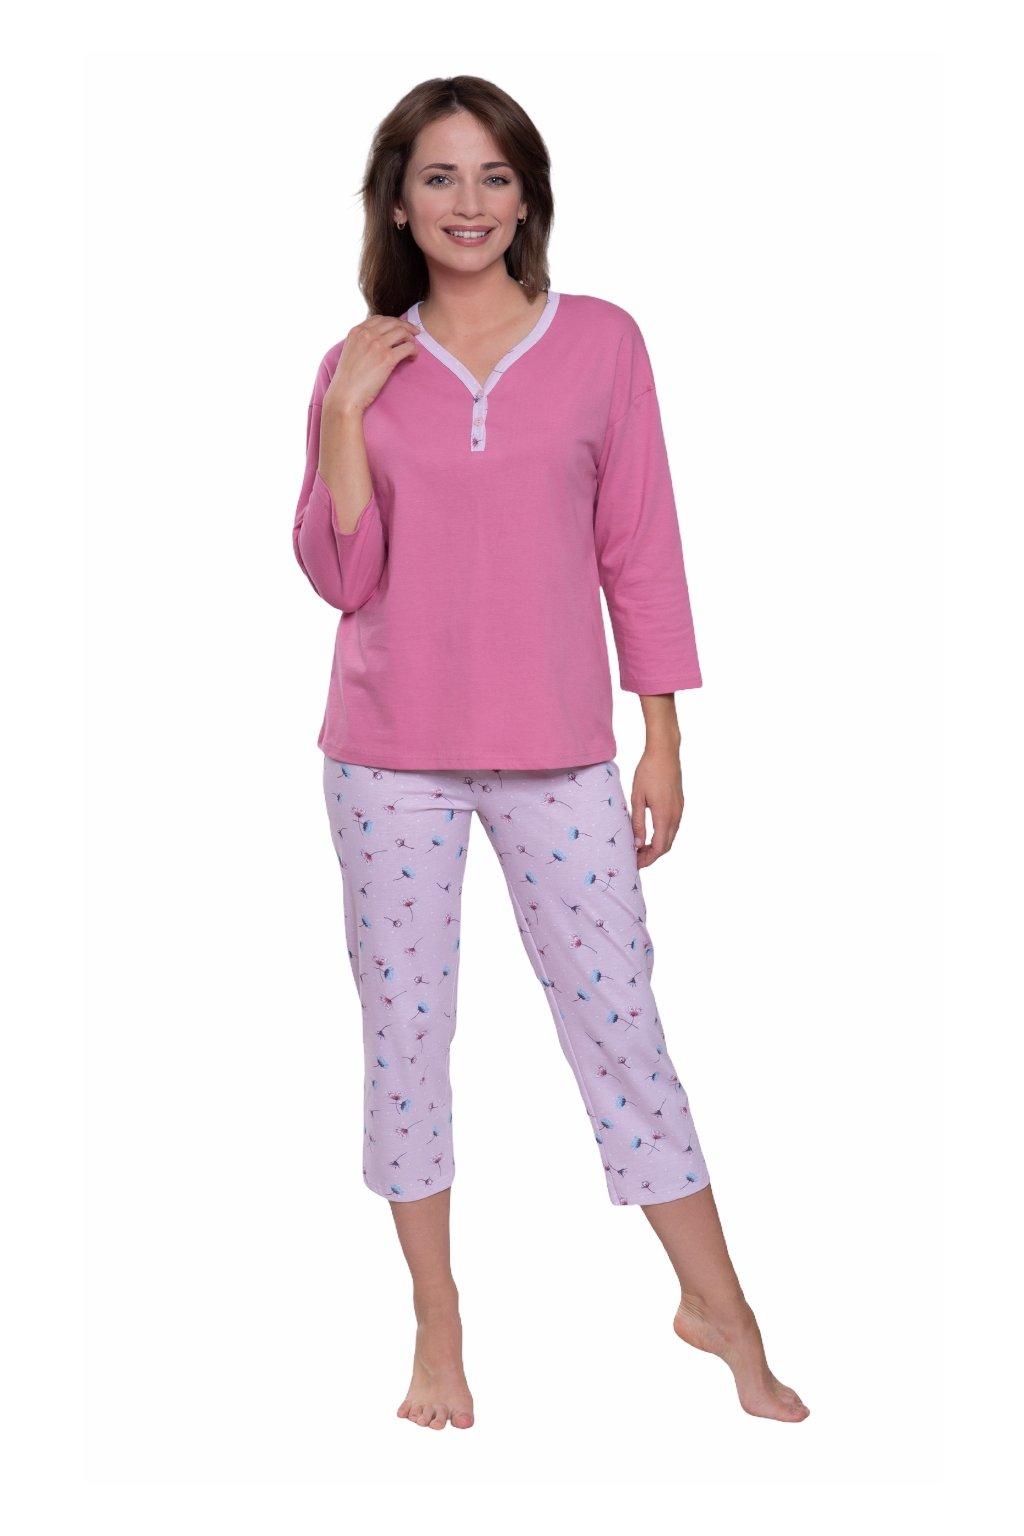 Dámské pyžamo s 3/4 rukávem, 104595 488, růžová